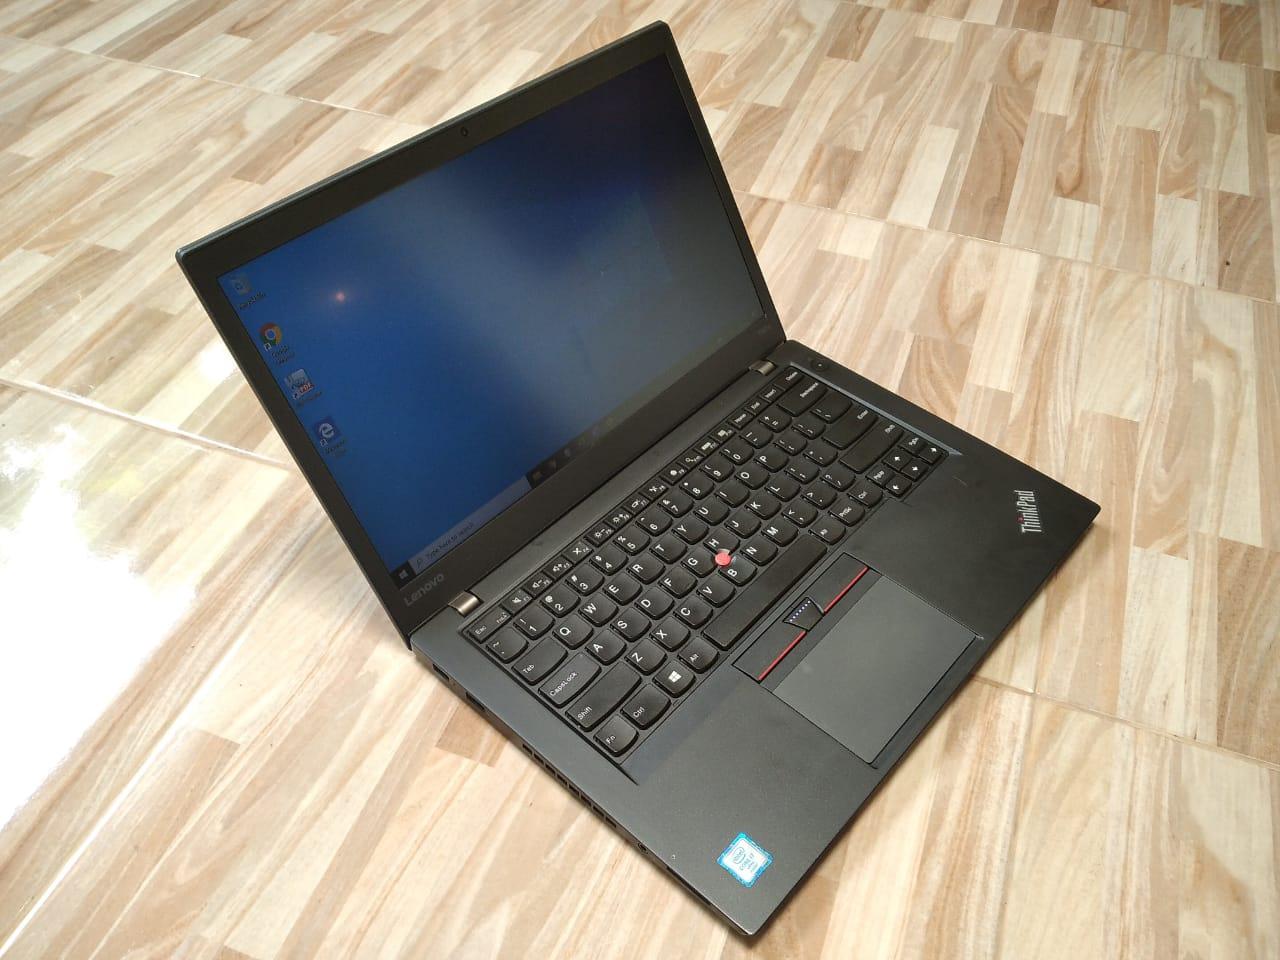 Lenovo ThinkPad T460s 3